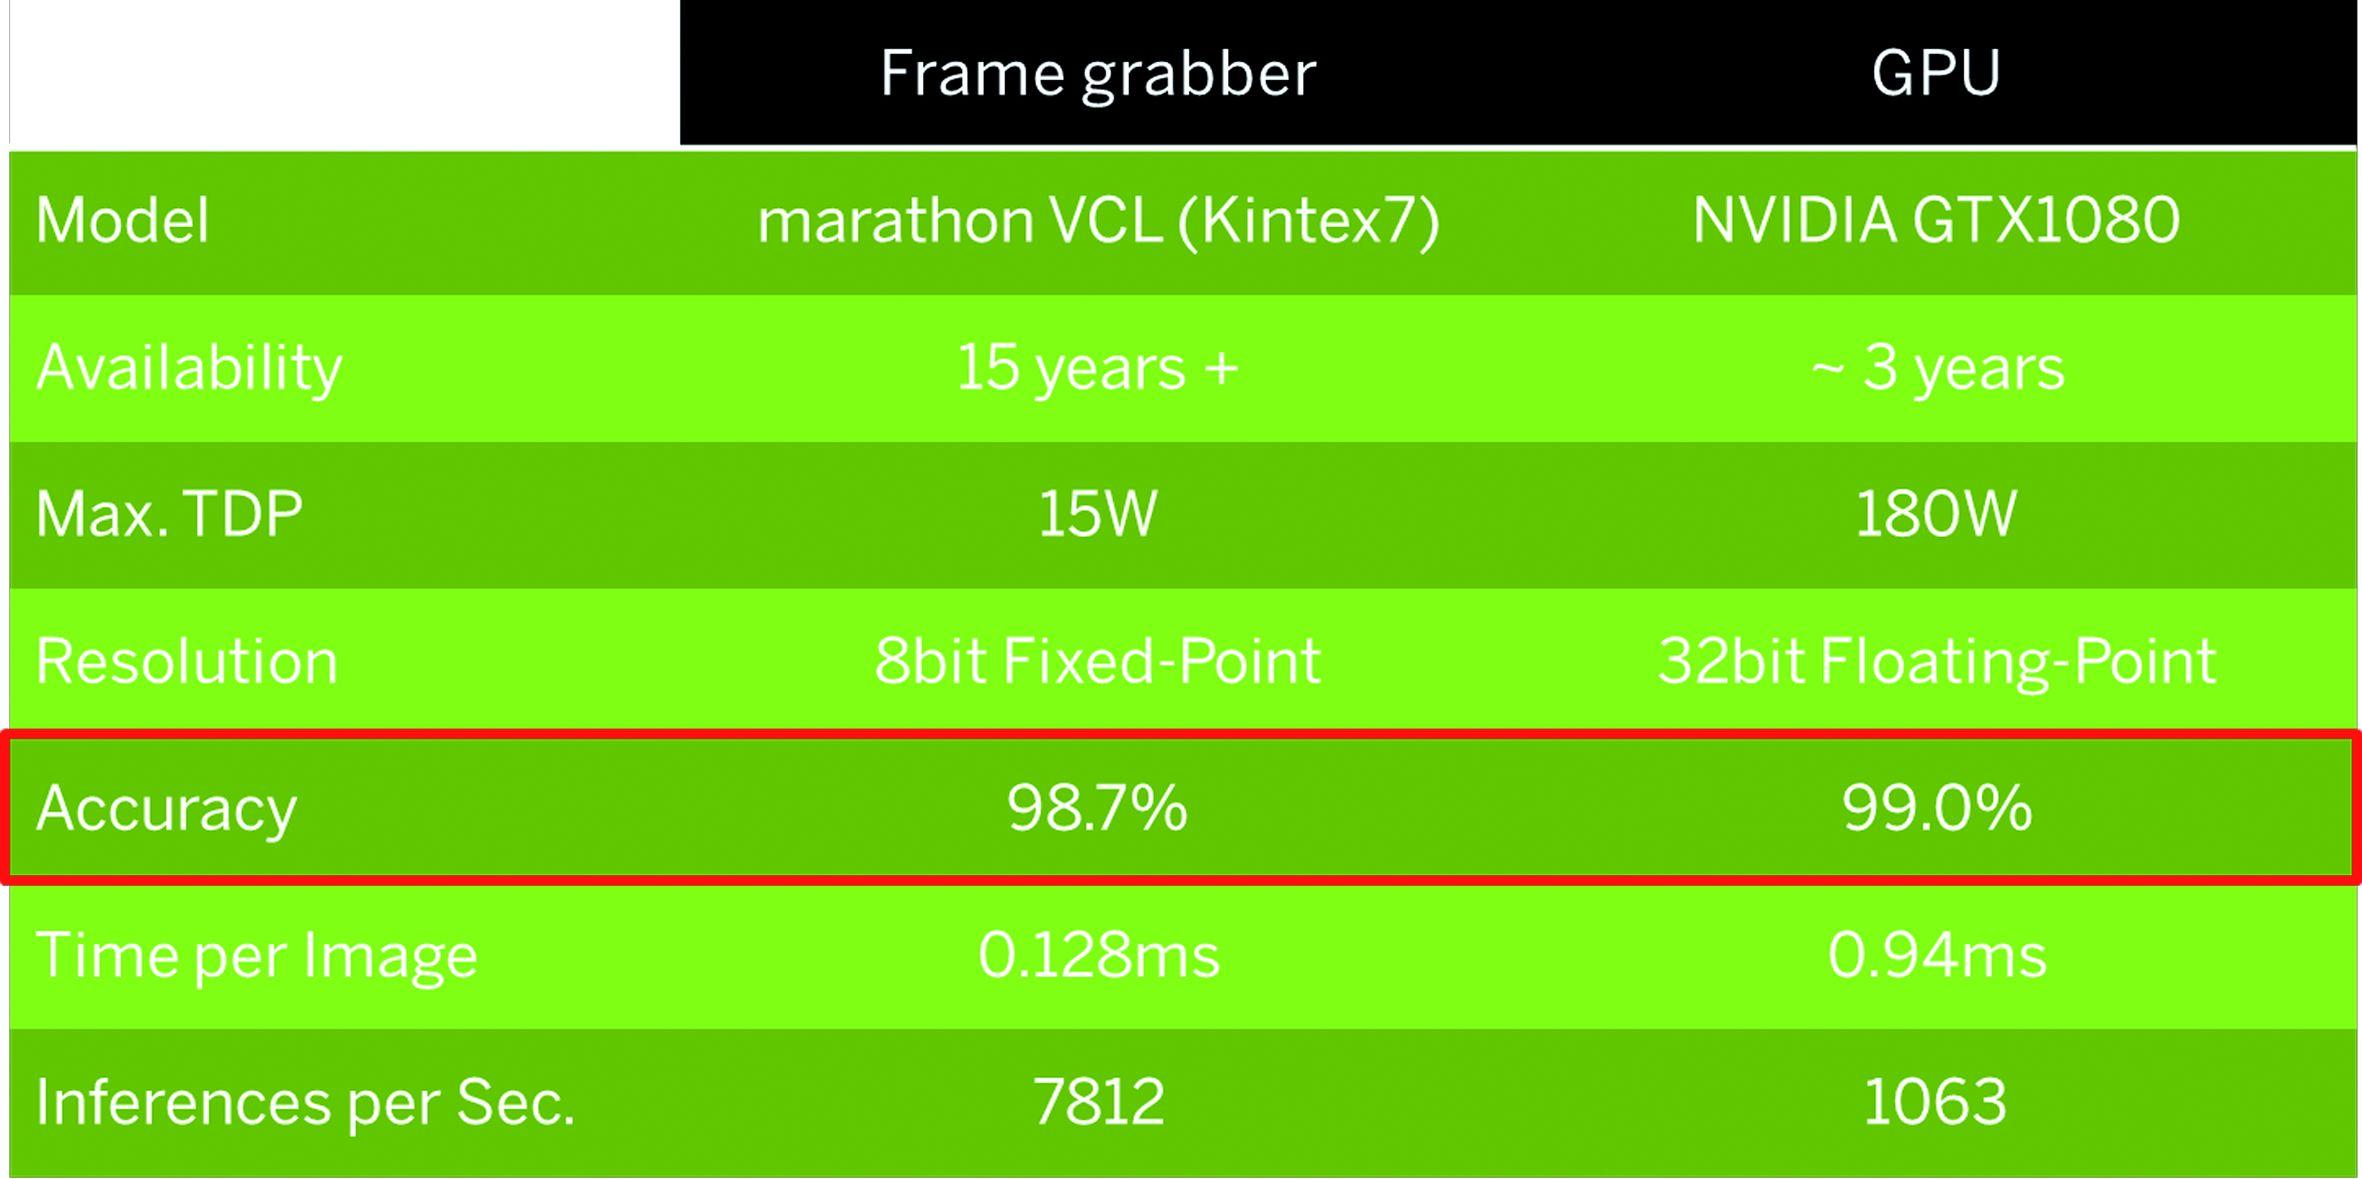 Die FPGA-Leistung ist zwar 7,3-mal höher als die einer GPU, der Verlust an der Vorhersagegenauigkeit liegt aber bei 0,3%, was 30% mehr inkorrekt klassifizierten ern entspricht. (Bild: Silicon Software GmbH)